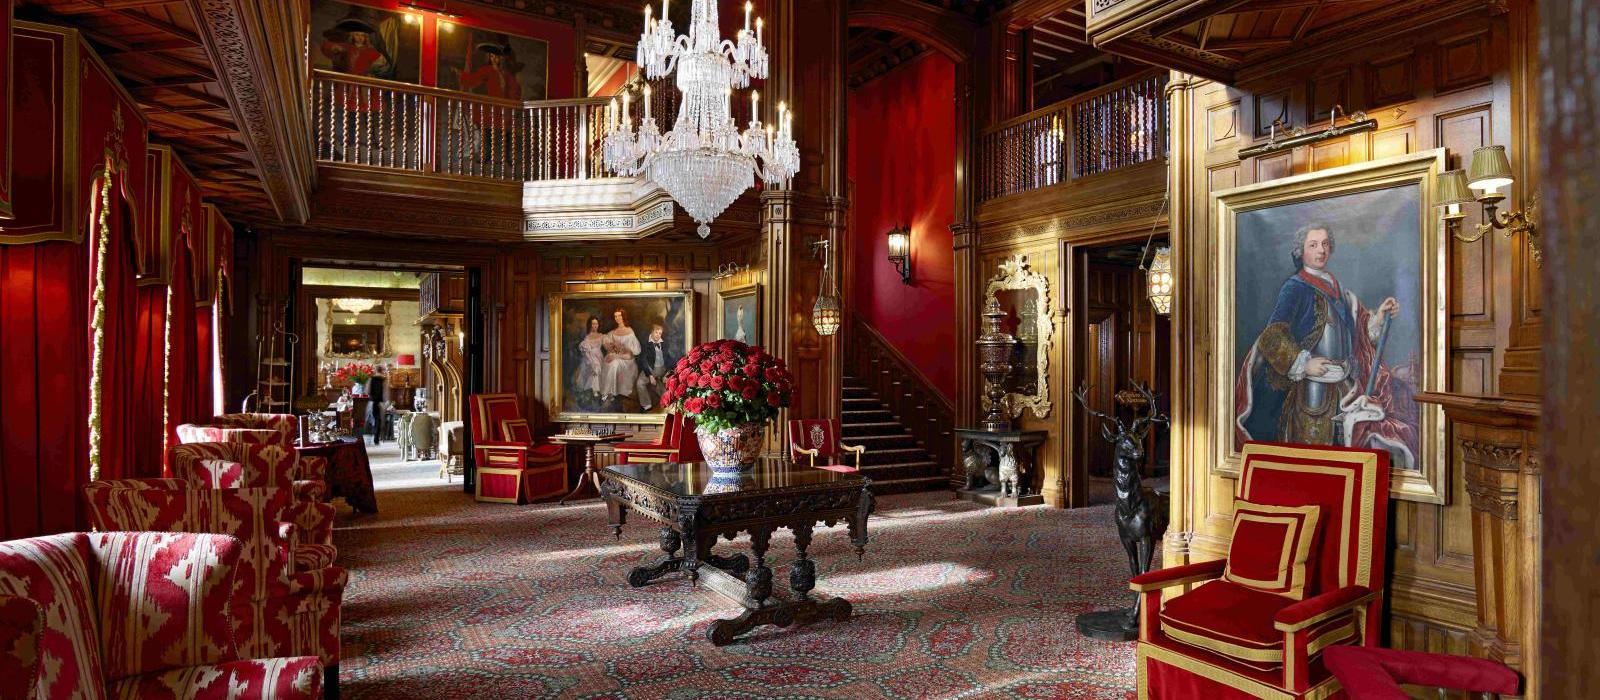 阿什福德城堡酒店(Ashford Castle)【 梅奥郡,爱尔兰】 酒店  sbzyxjw.safe27.net